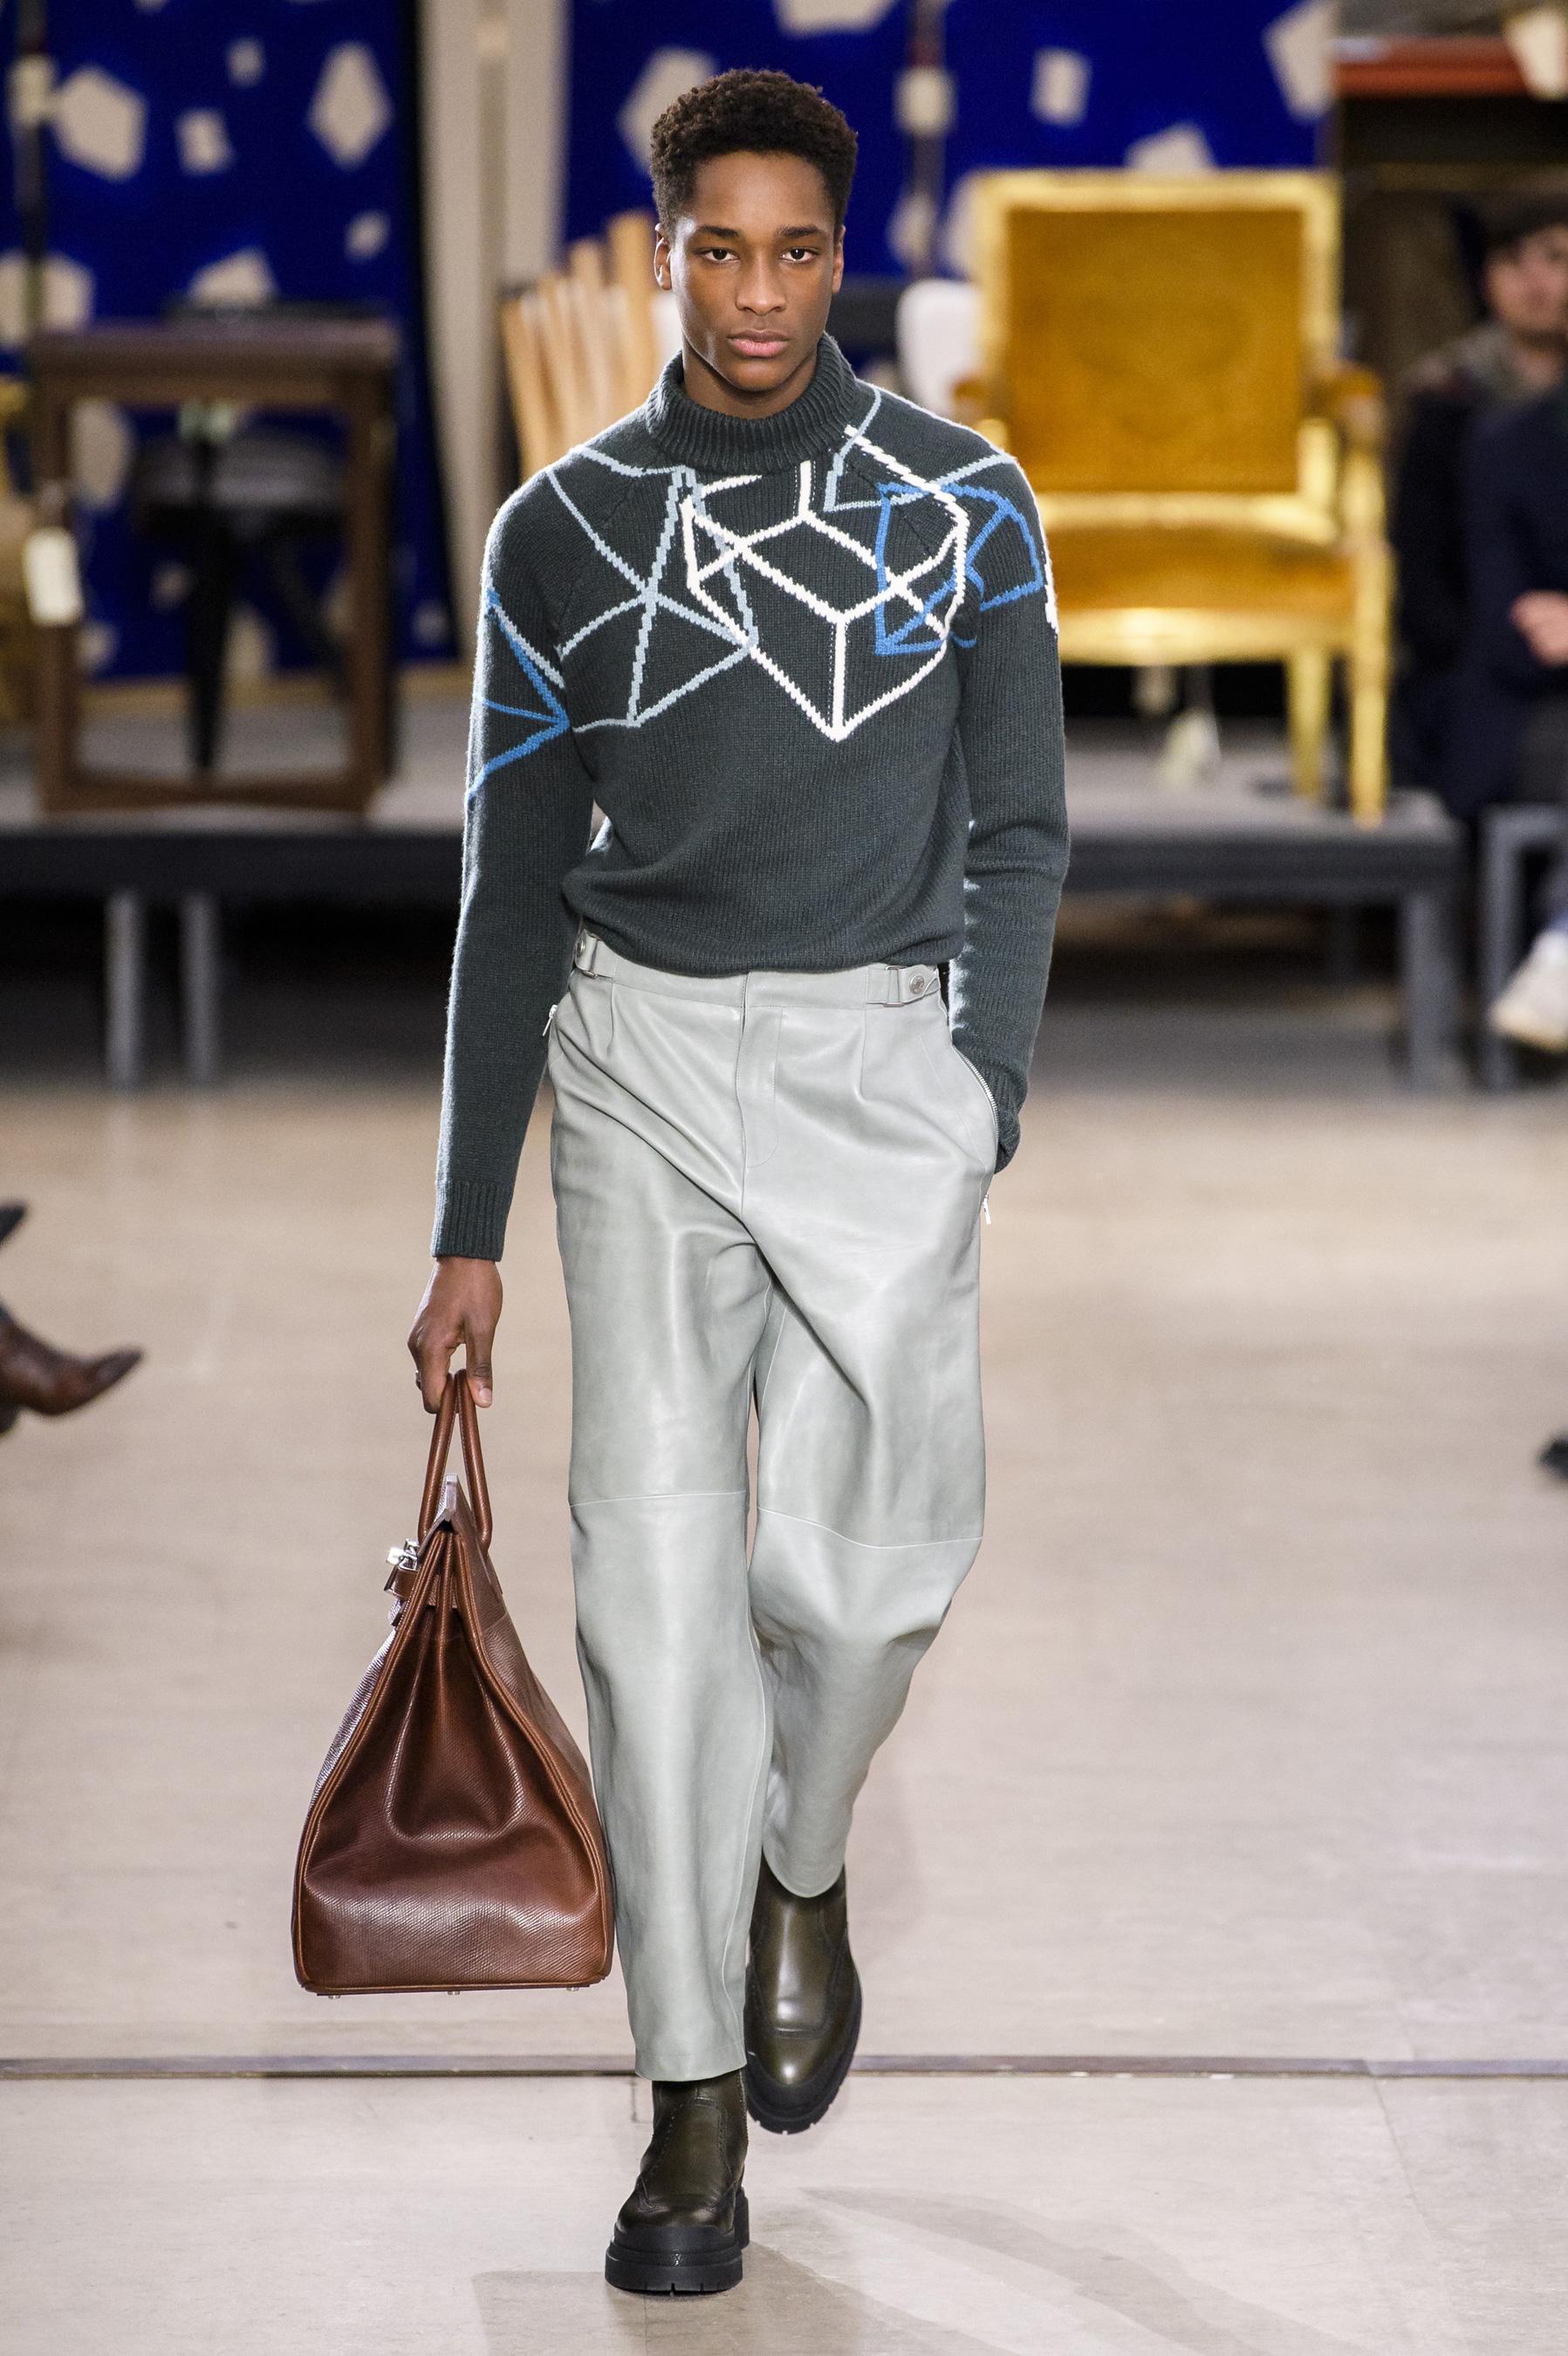 946dc2e26fa Défilé Hermès automne-hiver 2019-2020 Homme - Madame Figaro